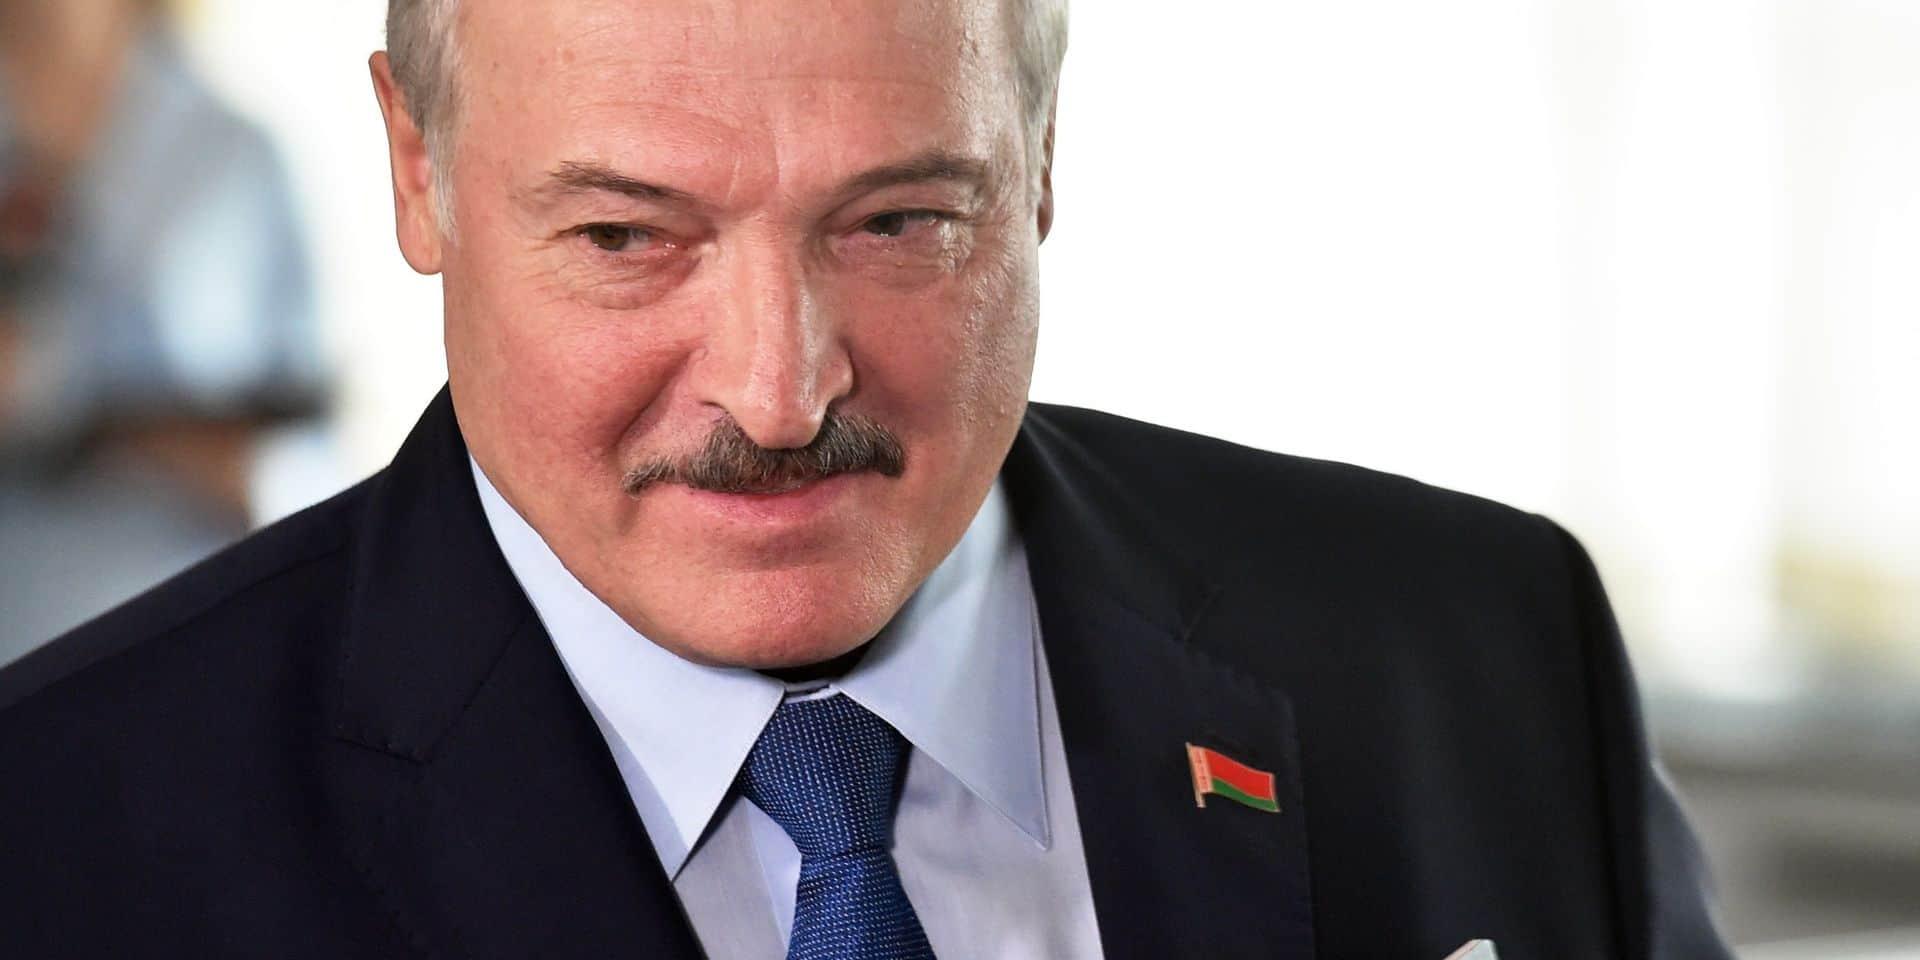 Biélorussie: Loukachenko rejette une médiation étrangère pour régler la crise